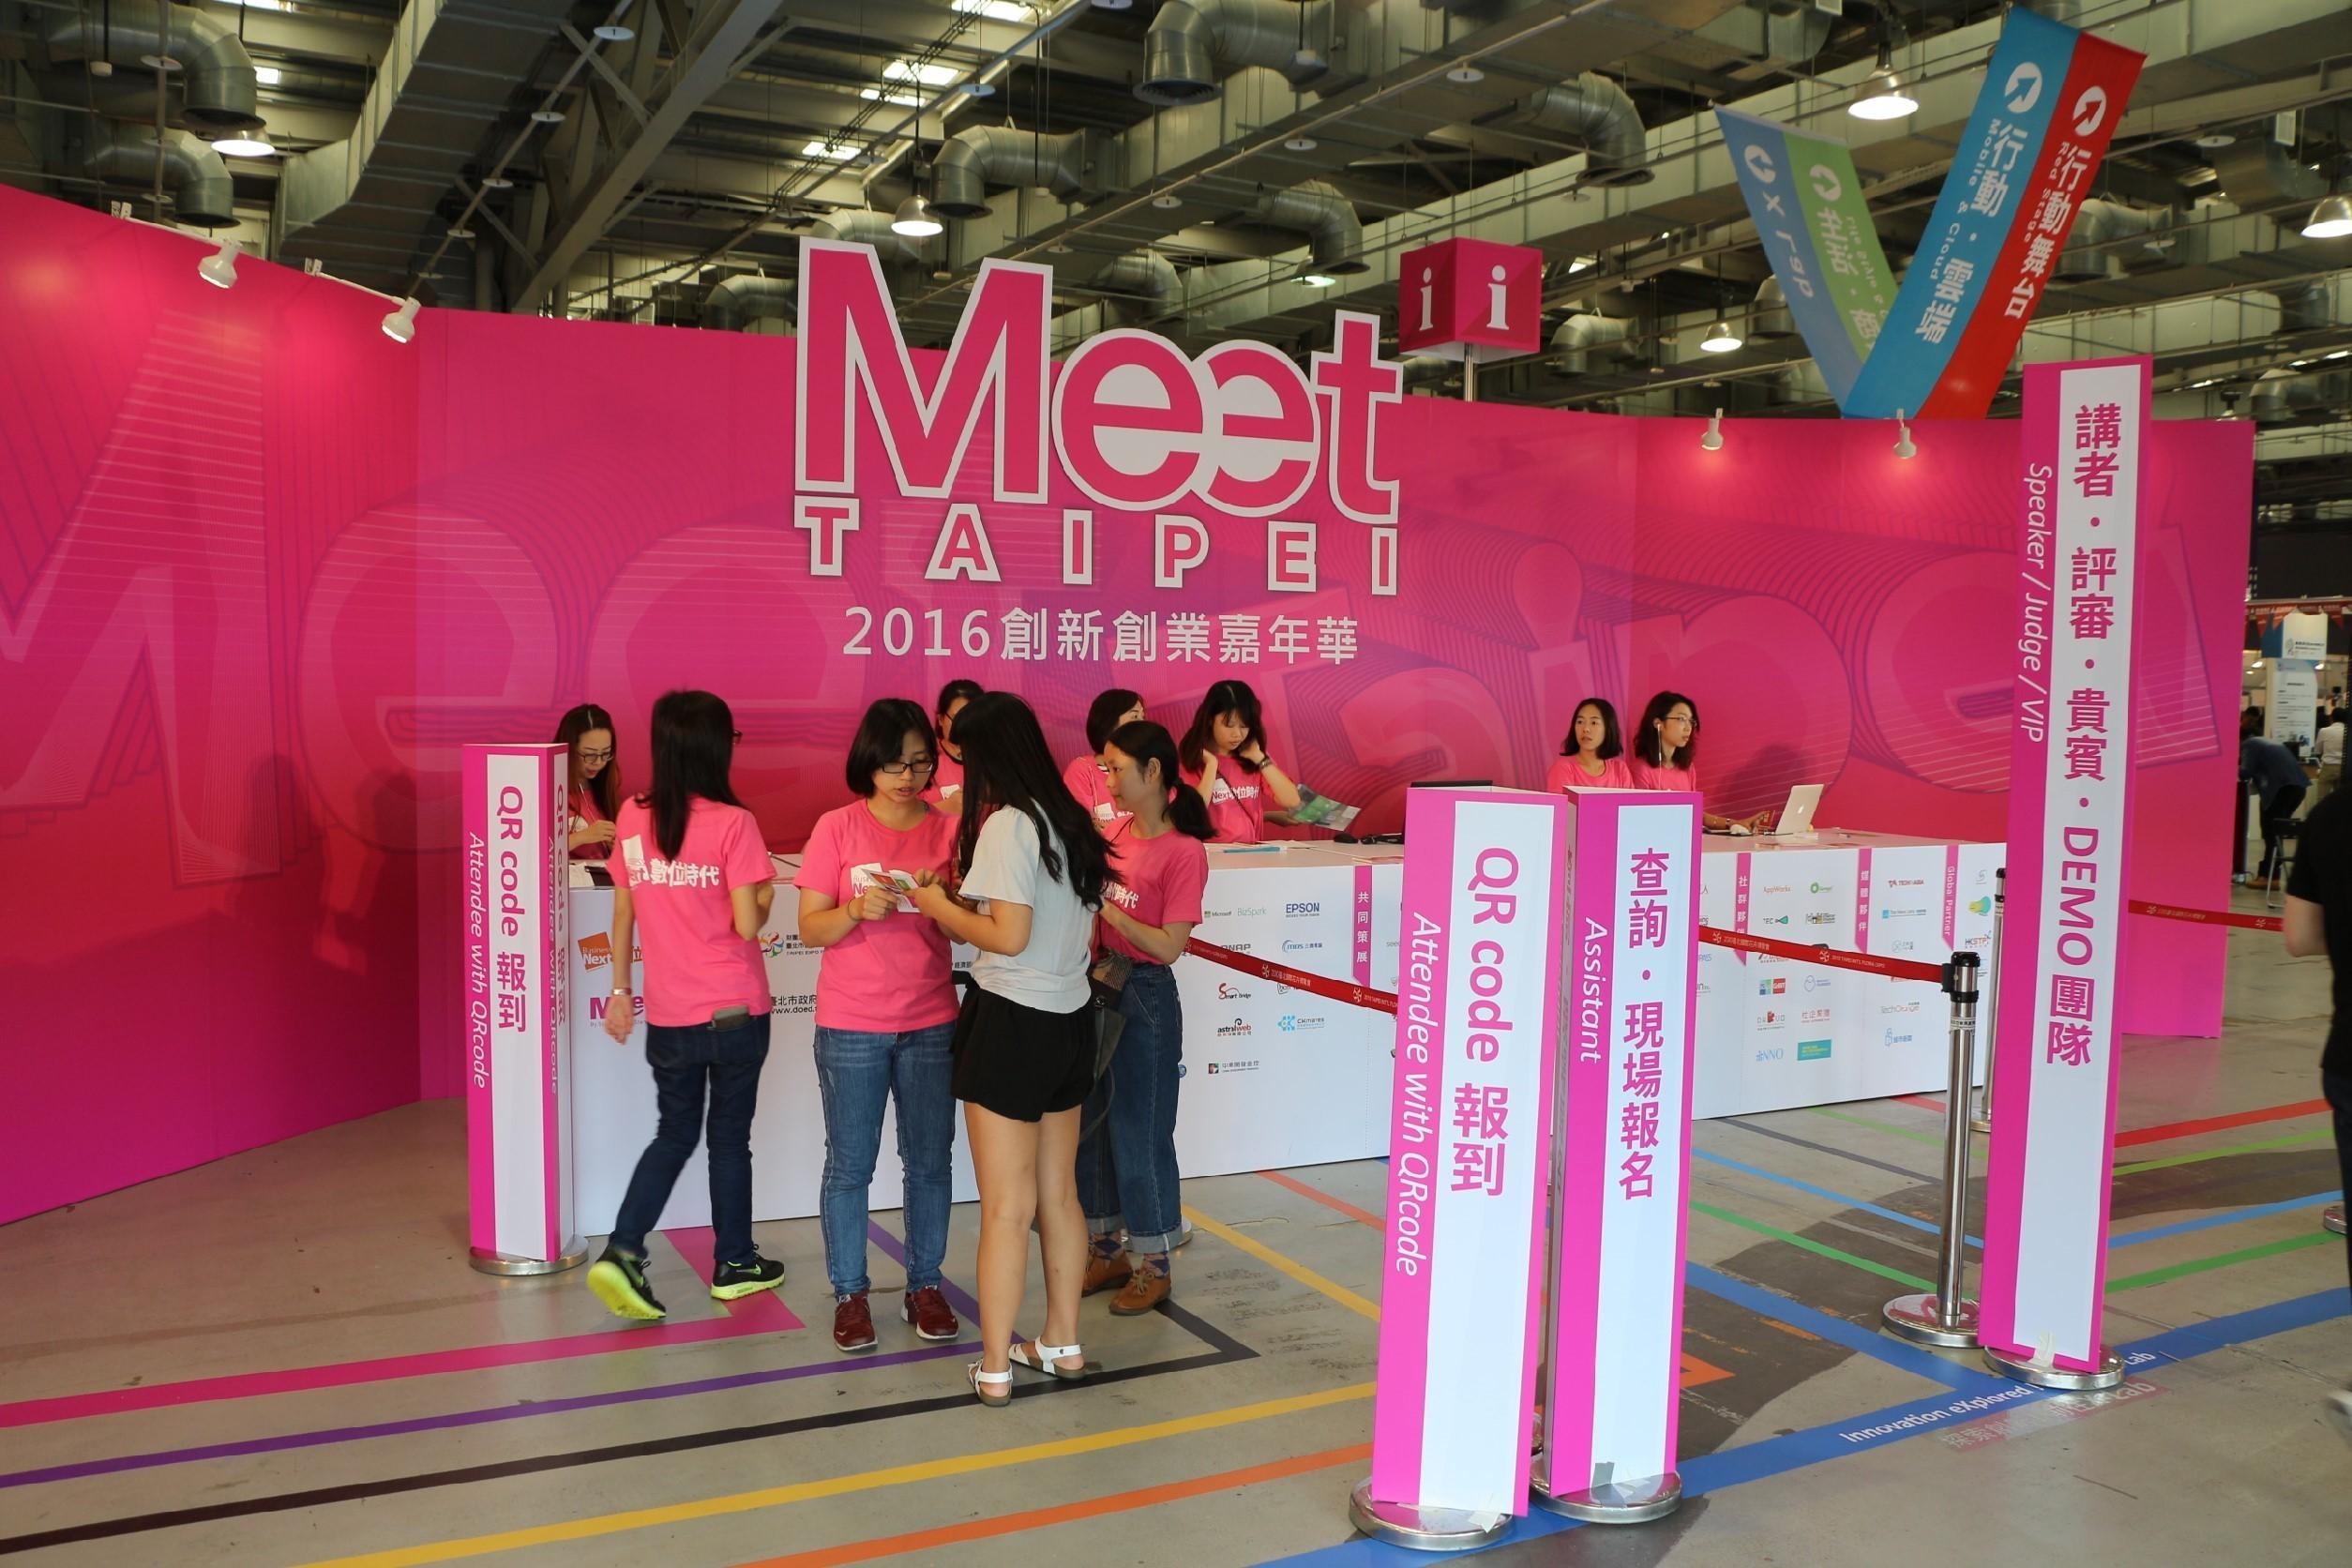 台灣創業生態圈逐步成形,各種創業活動蓬勃發展,Meet Taipei 為他們提供了良好的行銷舞台。攝影/黃馨毅